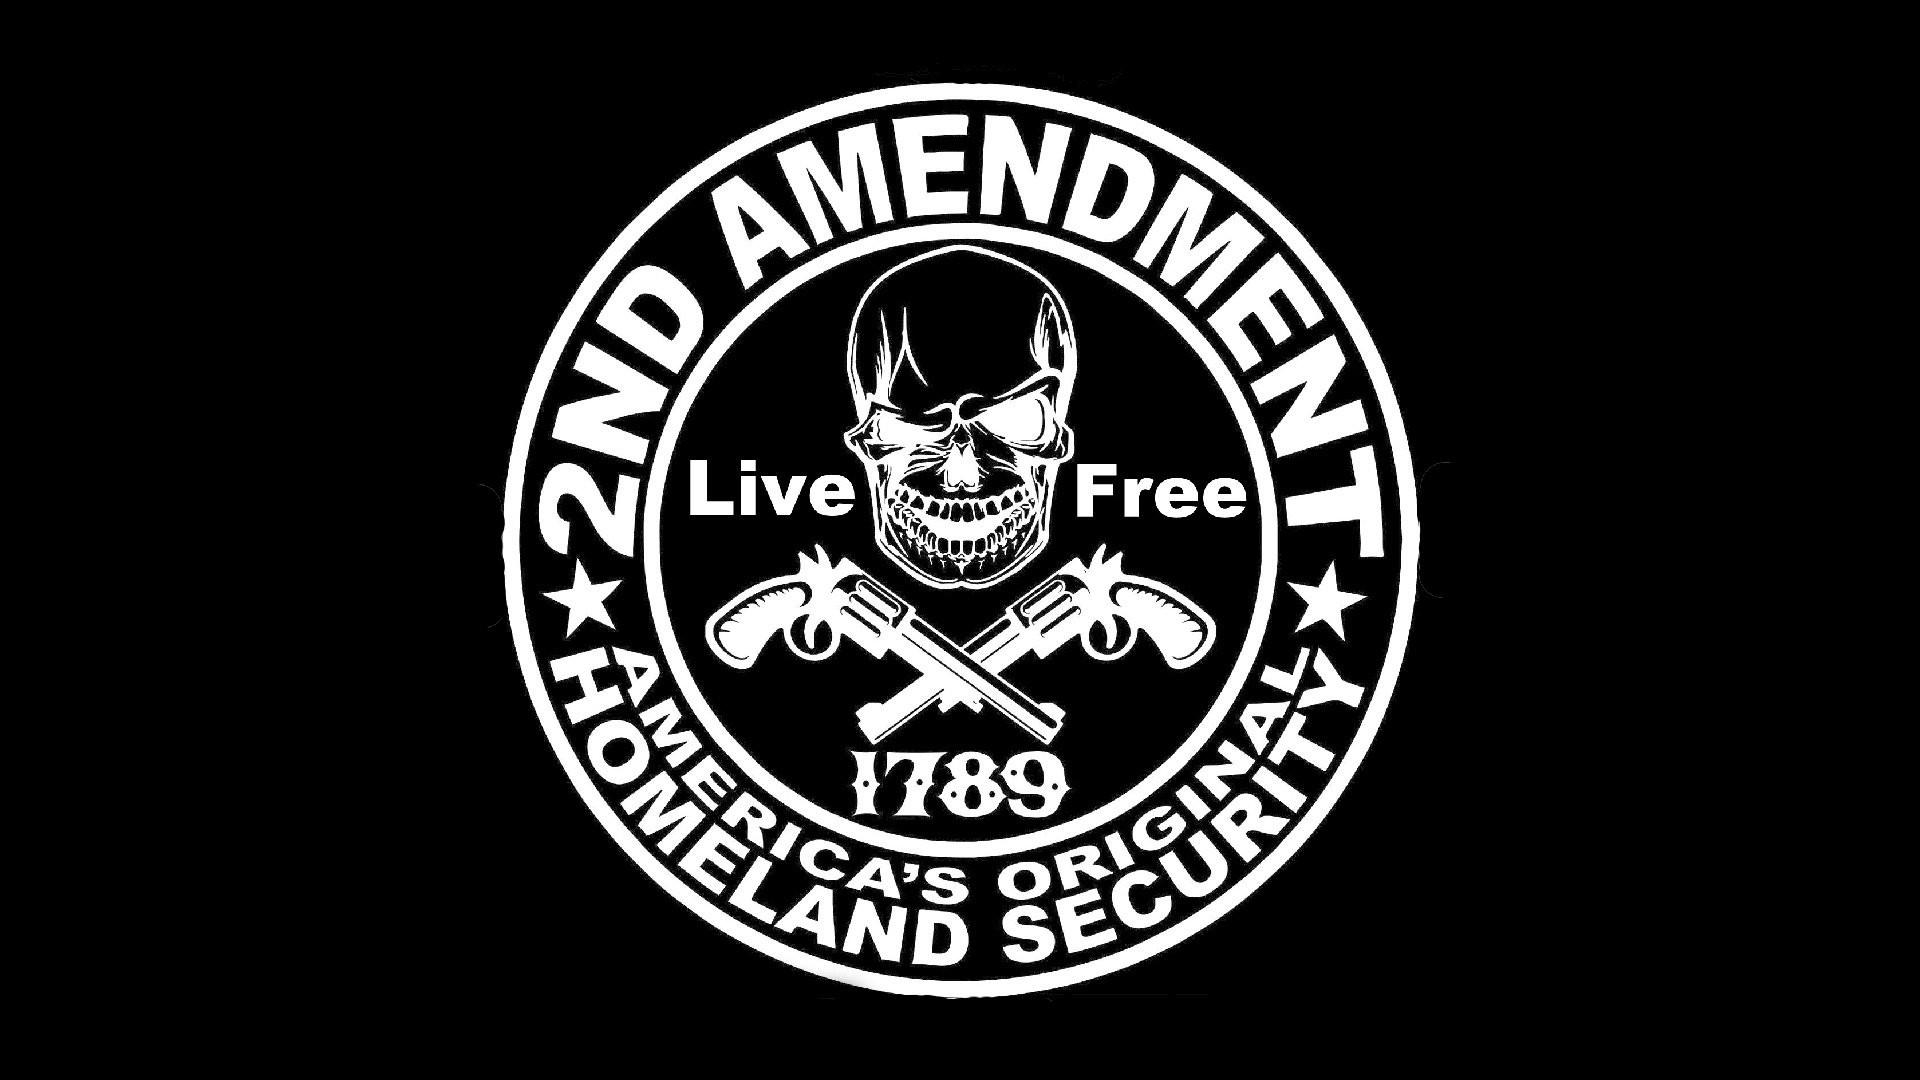 second amendment wallpaper  2Nd Amendment Wallpaper (64  images)